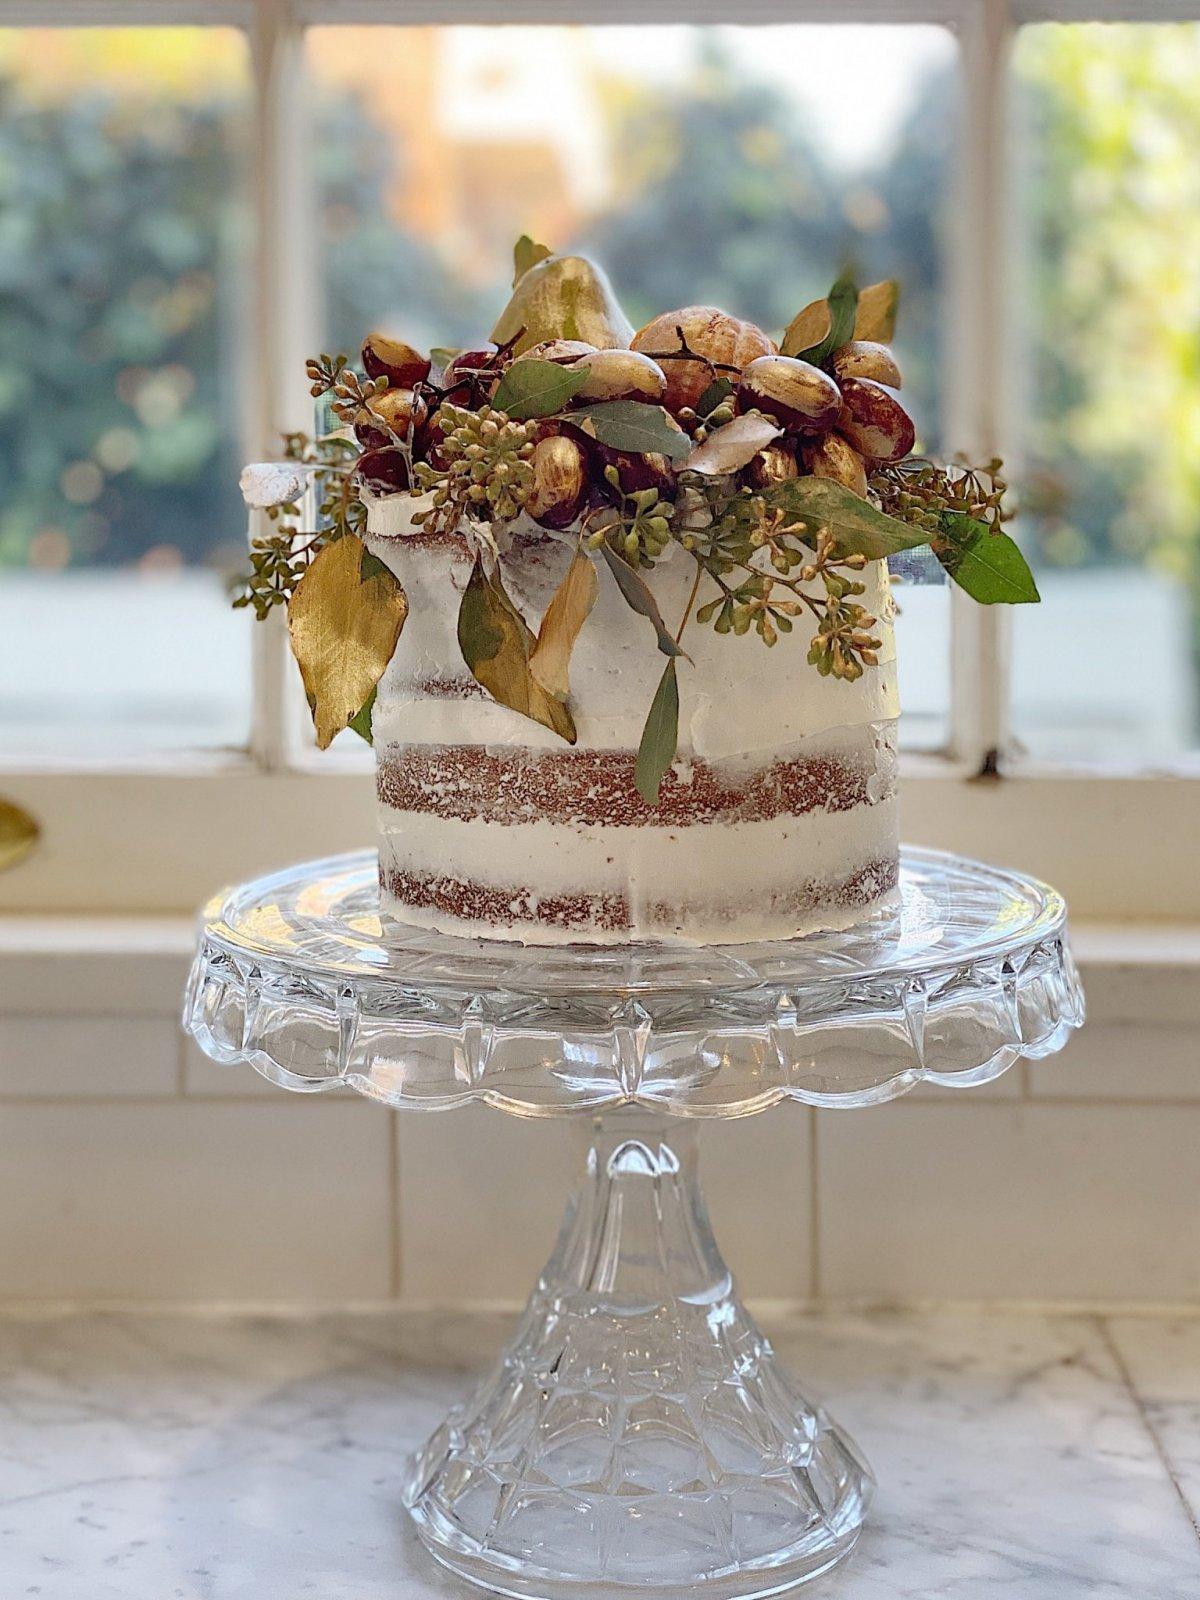 1-2-3-4 Basic cake recipe